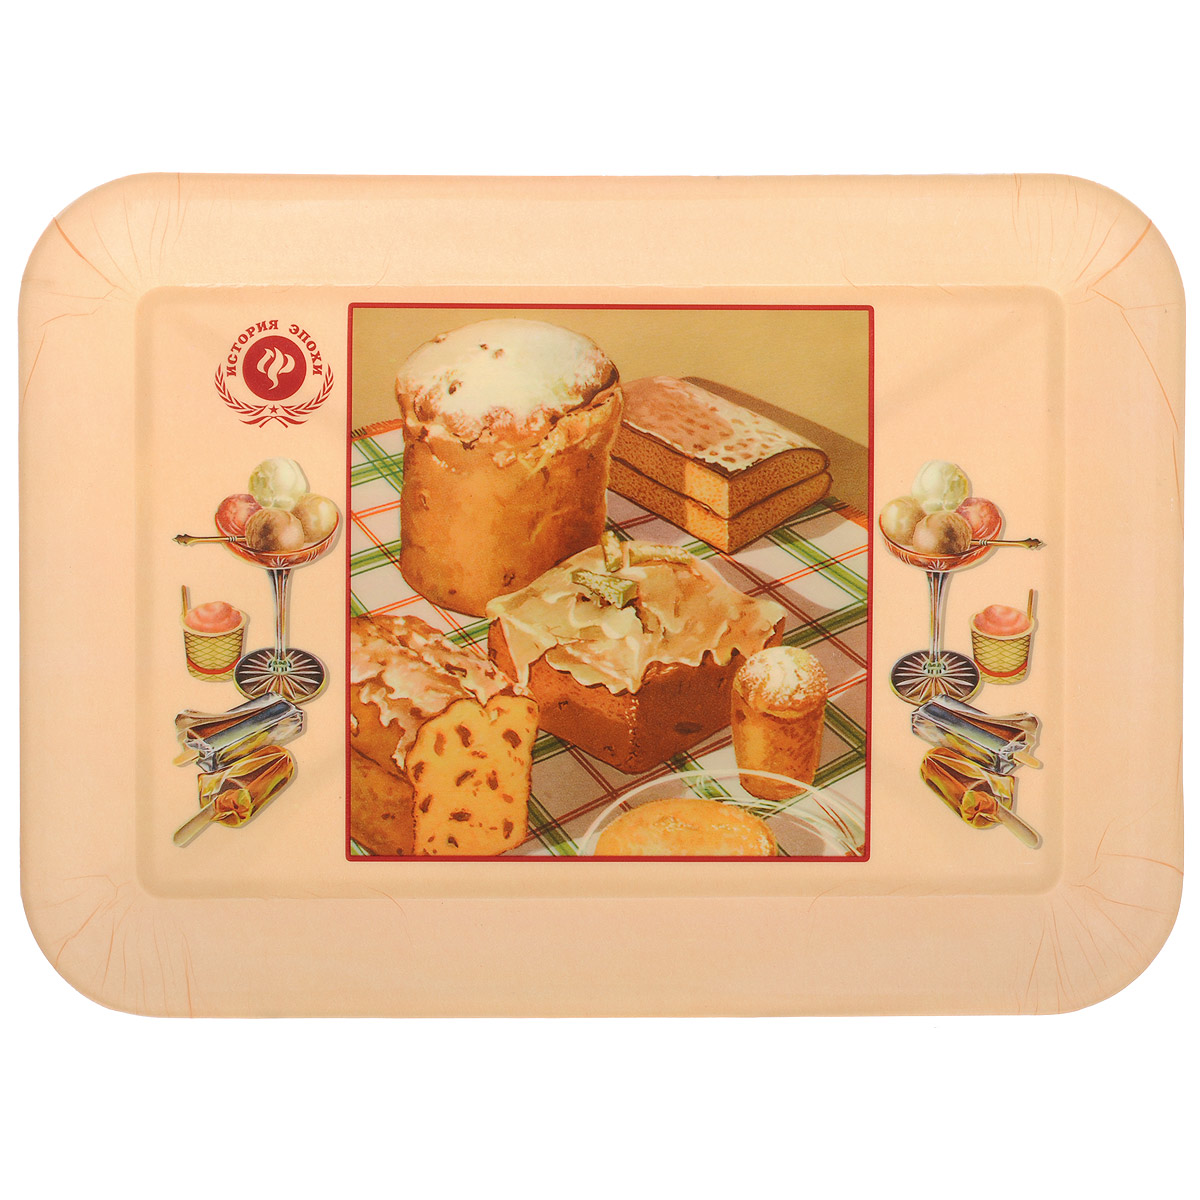 Поднос Феникс-презент Ретро-кексы, 35,5 см х 25,5 см115510Поднос Феникс-презент Ретро-кексы изготовлен из полипропилена. Внутри поднос оформлен рисунком с изображением кексов и разных десертов. Поднос может использоваться как для сервировки, так и для декора кухни. Он прекрасно дополнит интерьер и добавит в обычную обстановку нотки романтики и изящества. Размер подноса: 35,5 см х 25,5 см х 2,3 см. Внутренний размер подноса: 29 см х 19 см х 1,9 см.